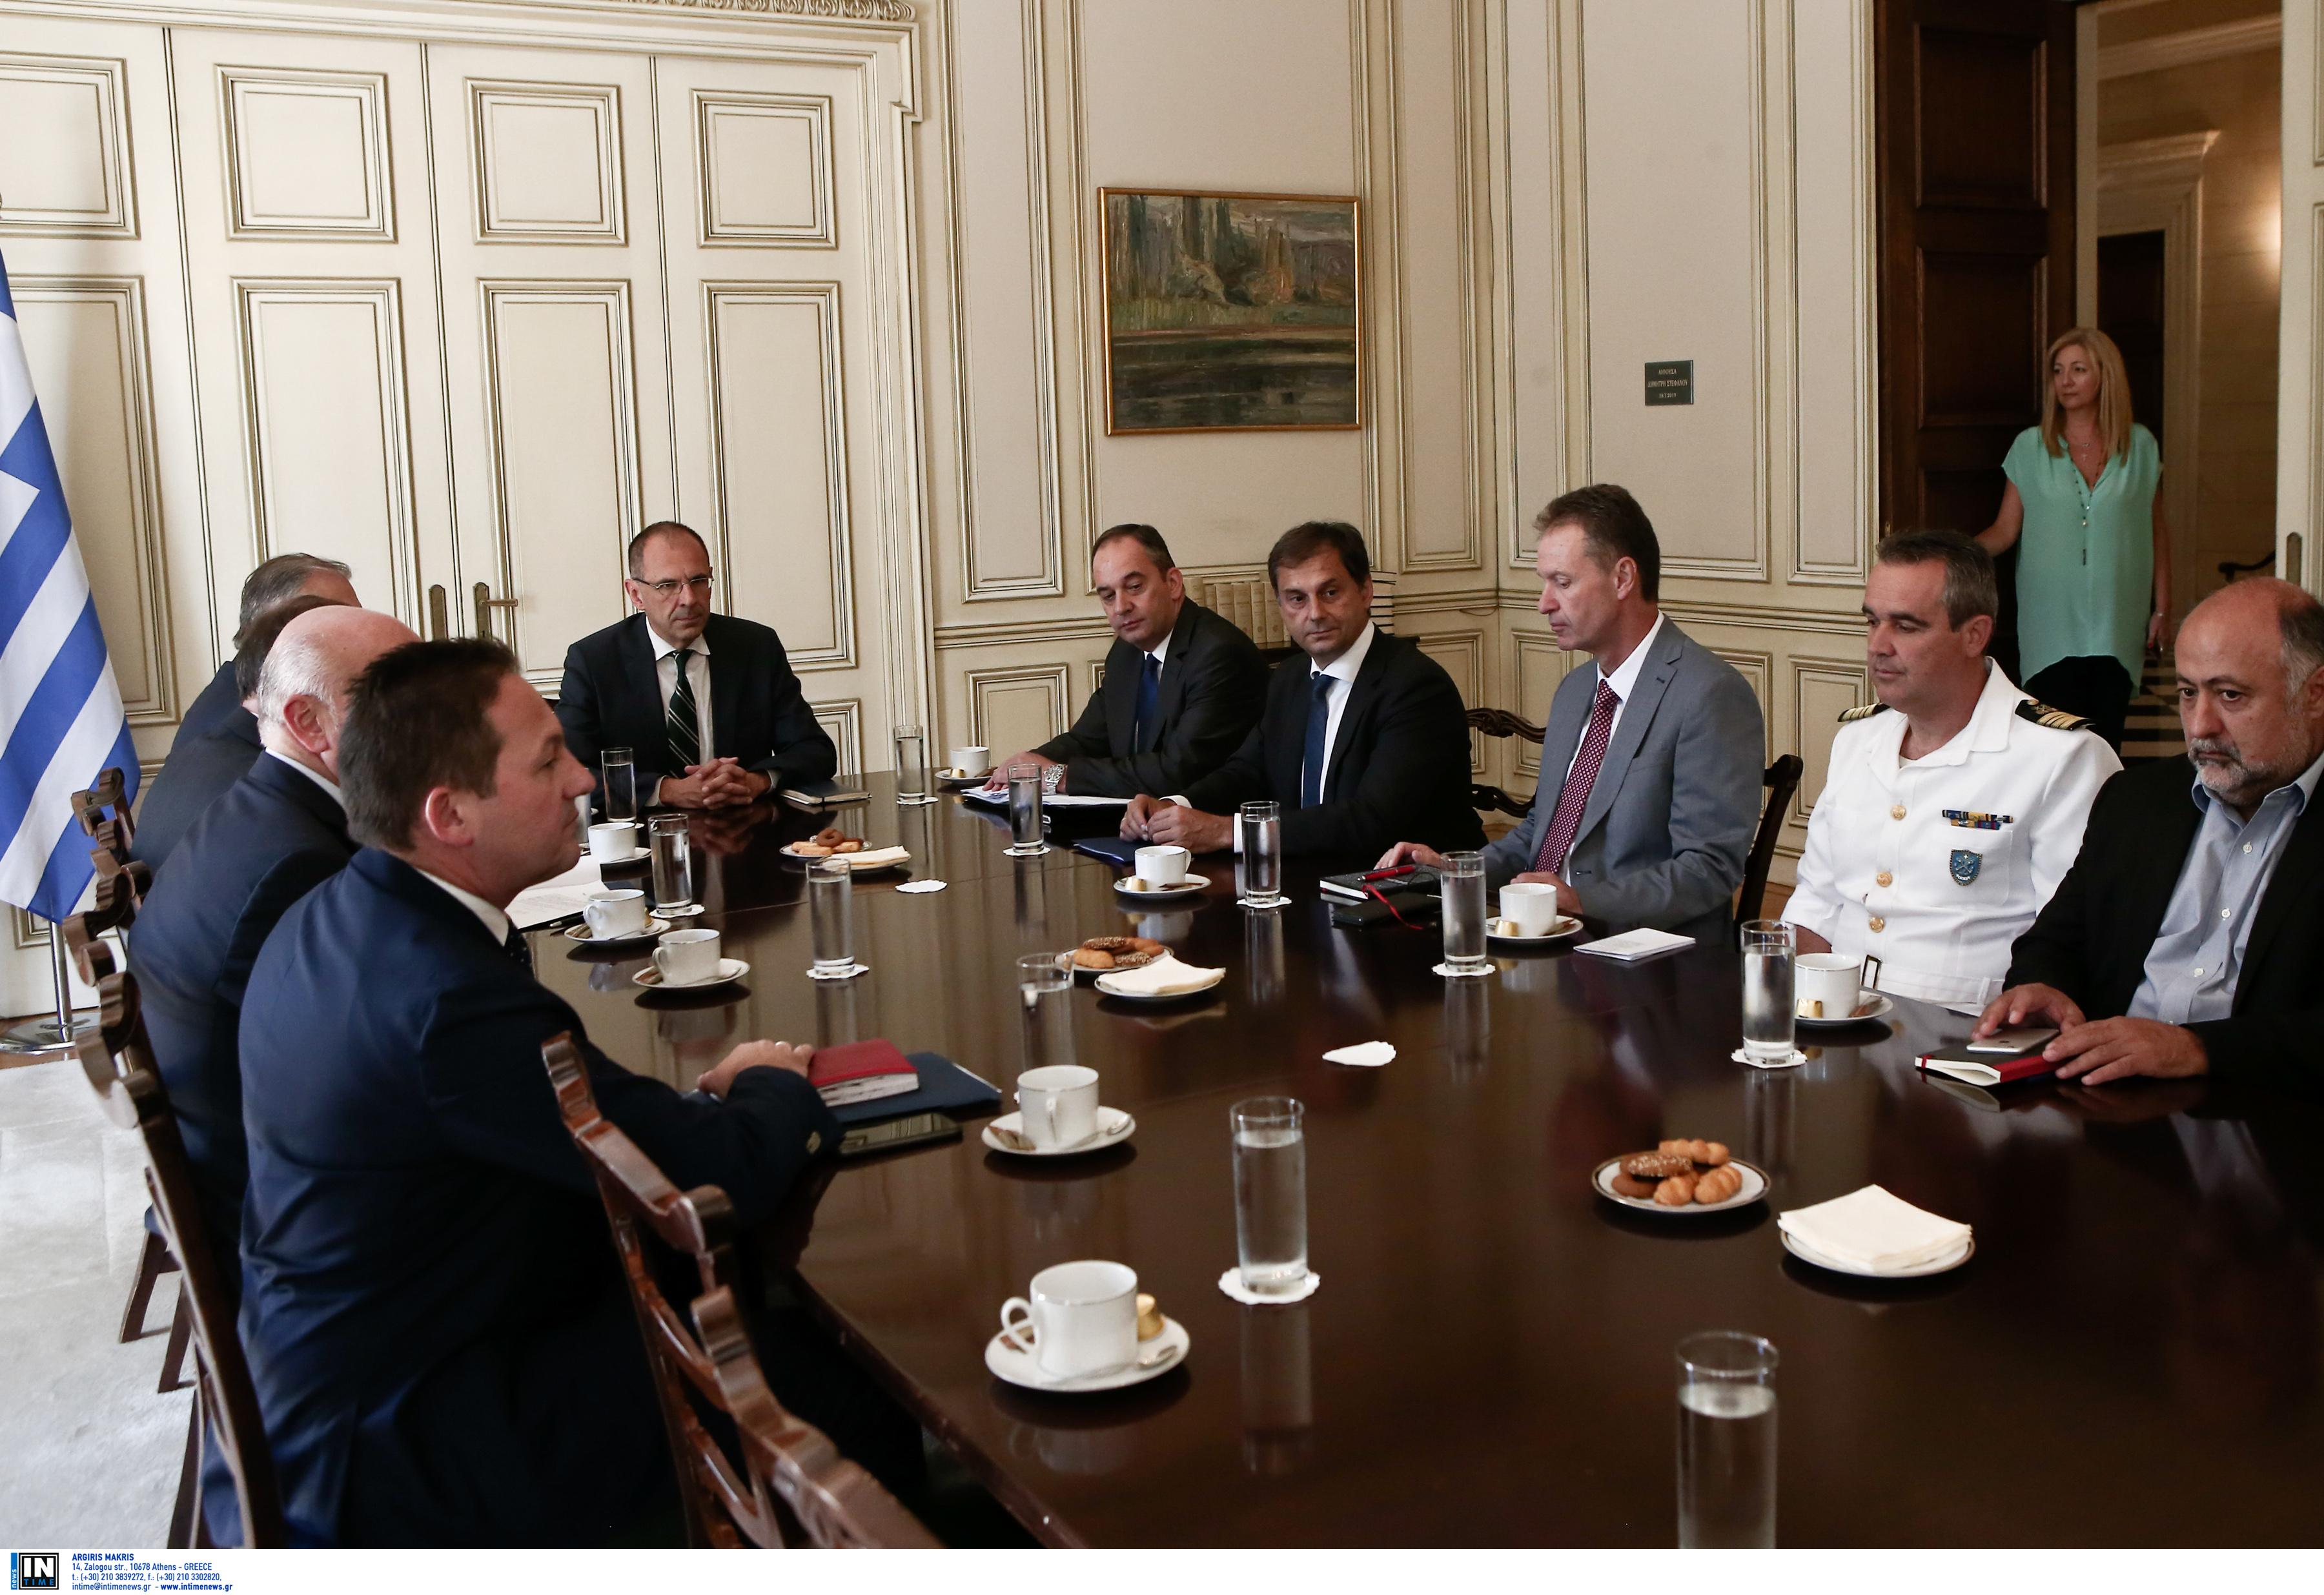 Τα μέτρα που αποφάσισε η κυβέρνηση για τη Σαμοθράκη - Στον εισαγγελέα ο φάκελος της υπόθεσης